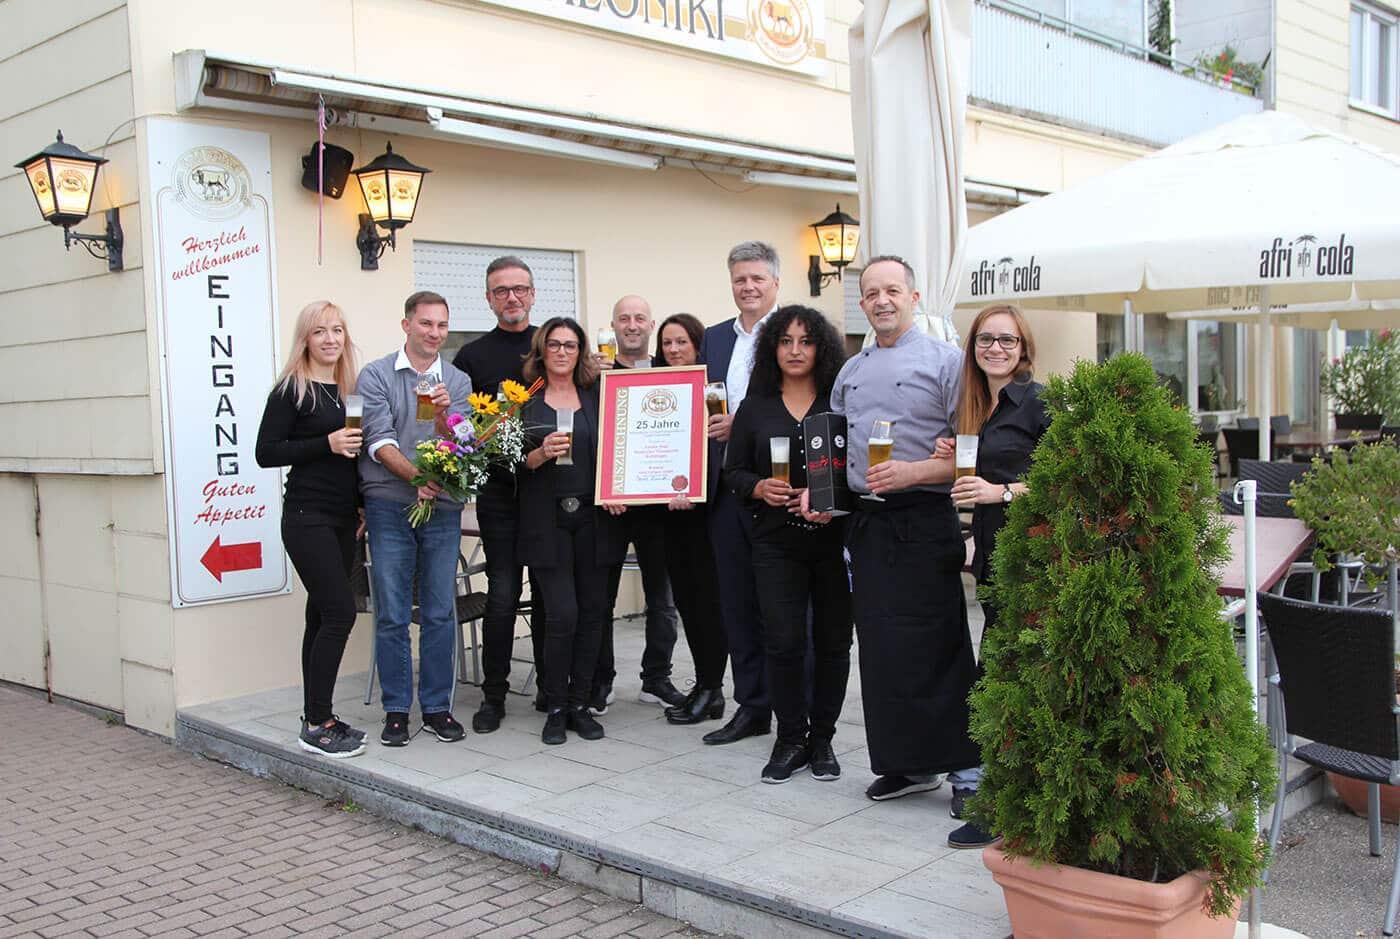 Die Brauerei Gold Ochsen gratuliert dem Team vom Restaurant Thessaloniki herzlich zum 25. Jubiläum